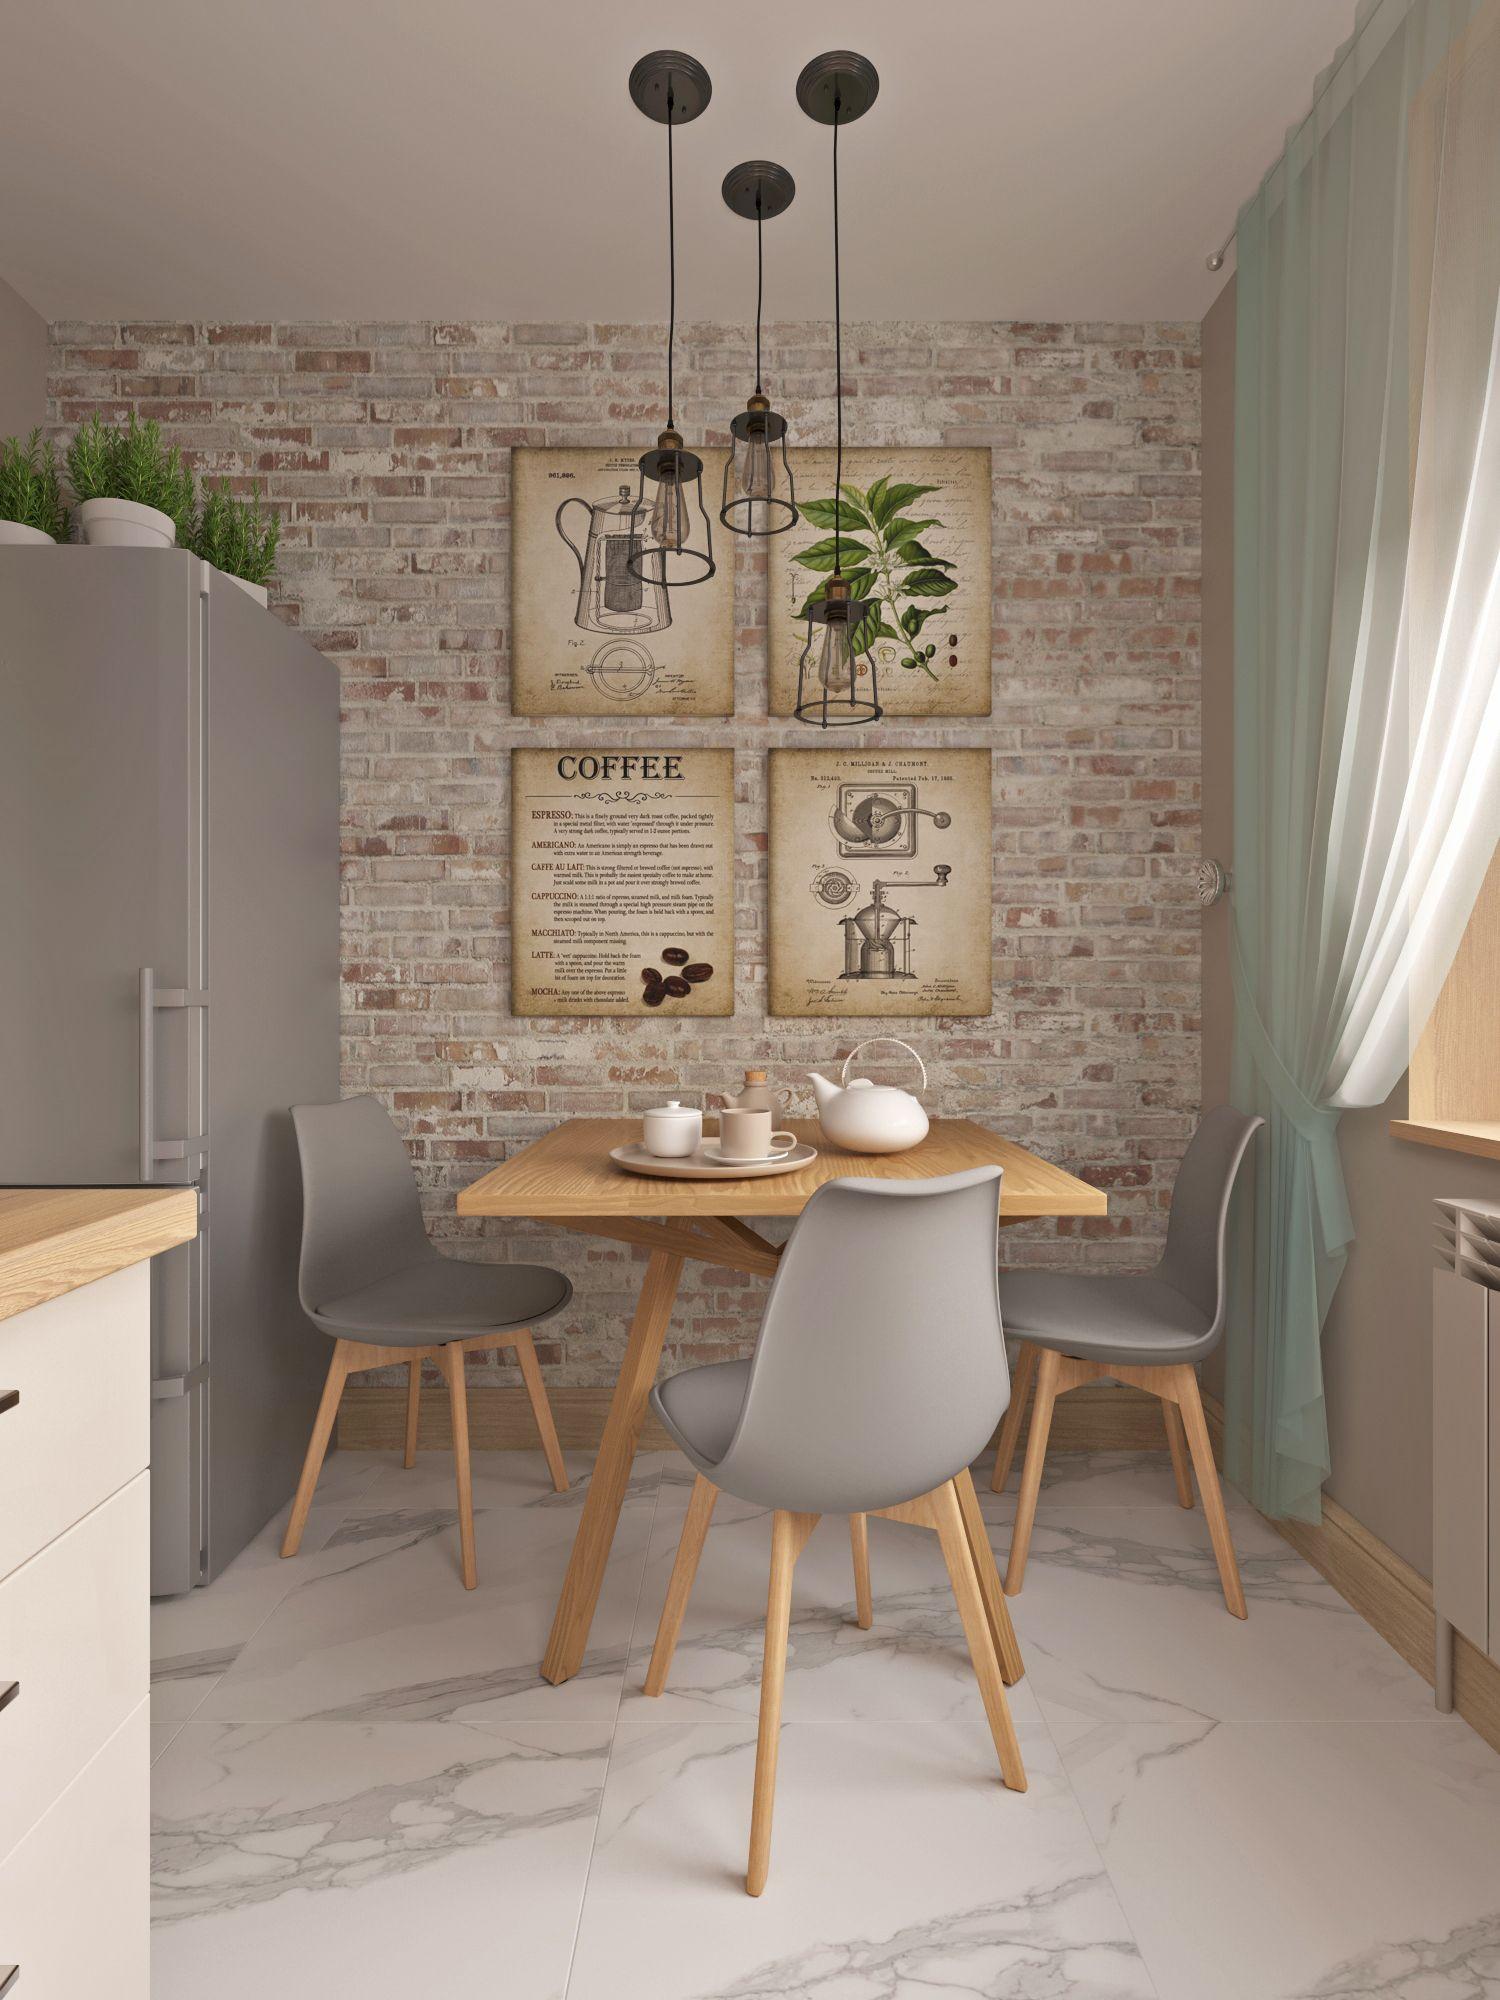 Трехкомнатная квартира в скандинавском стиле с маленьким санузлом